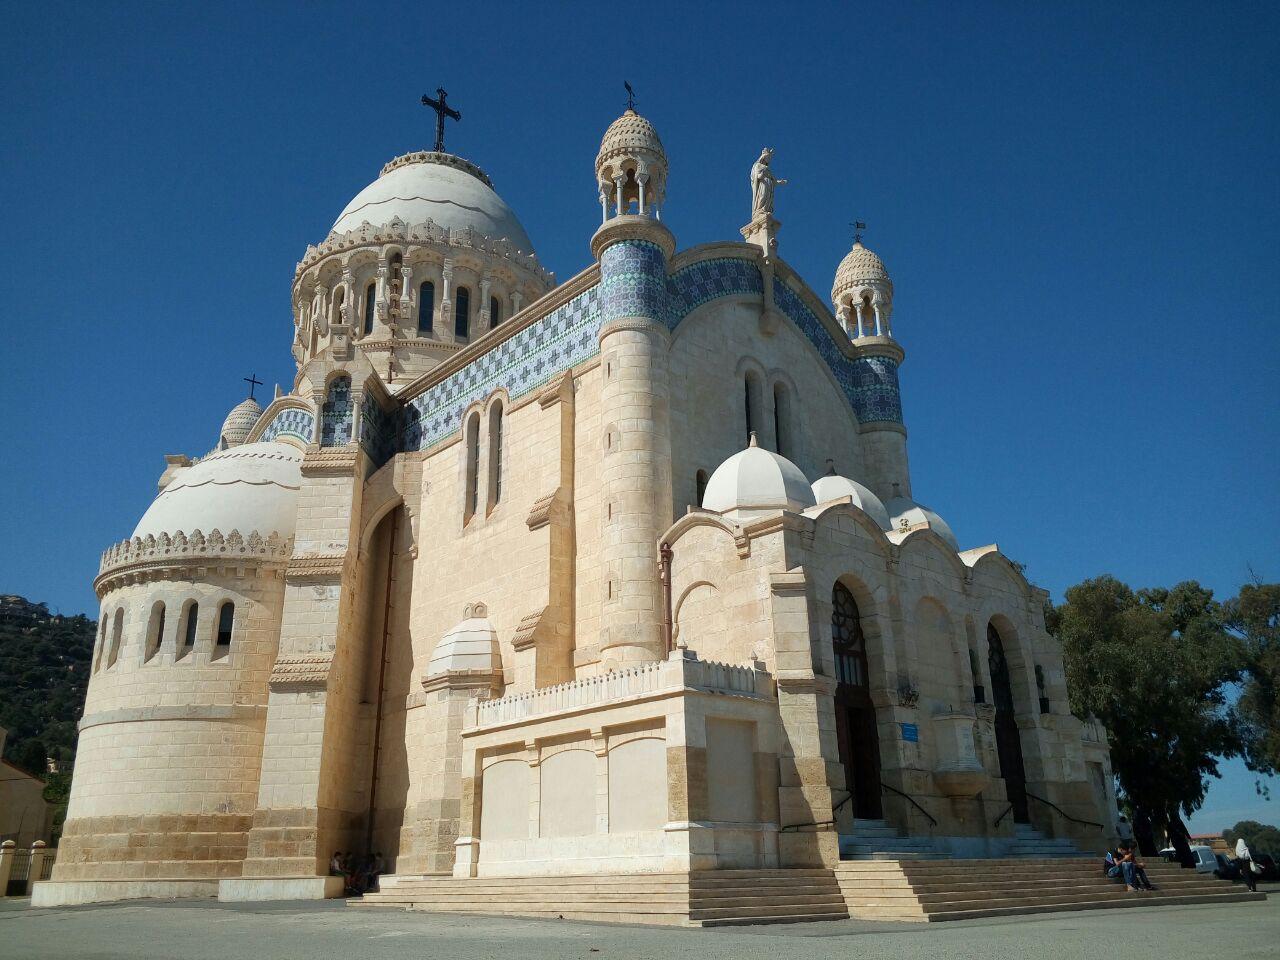 非洲圣母院  Notre Dame d'Afrique   -4